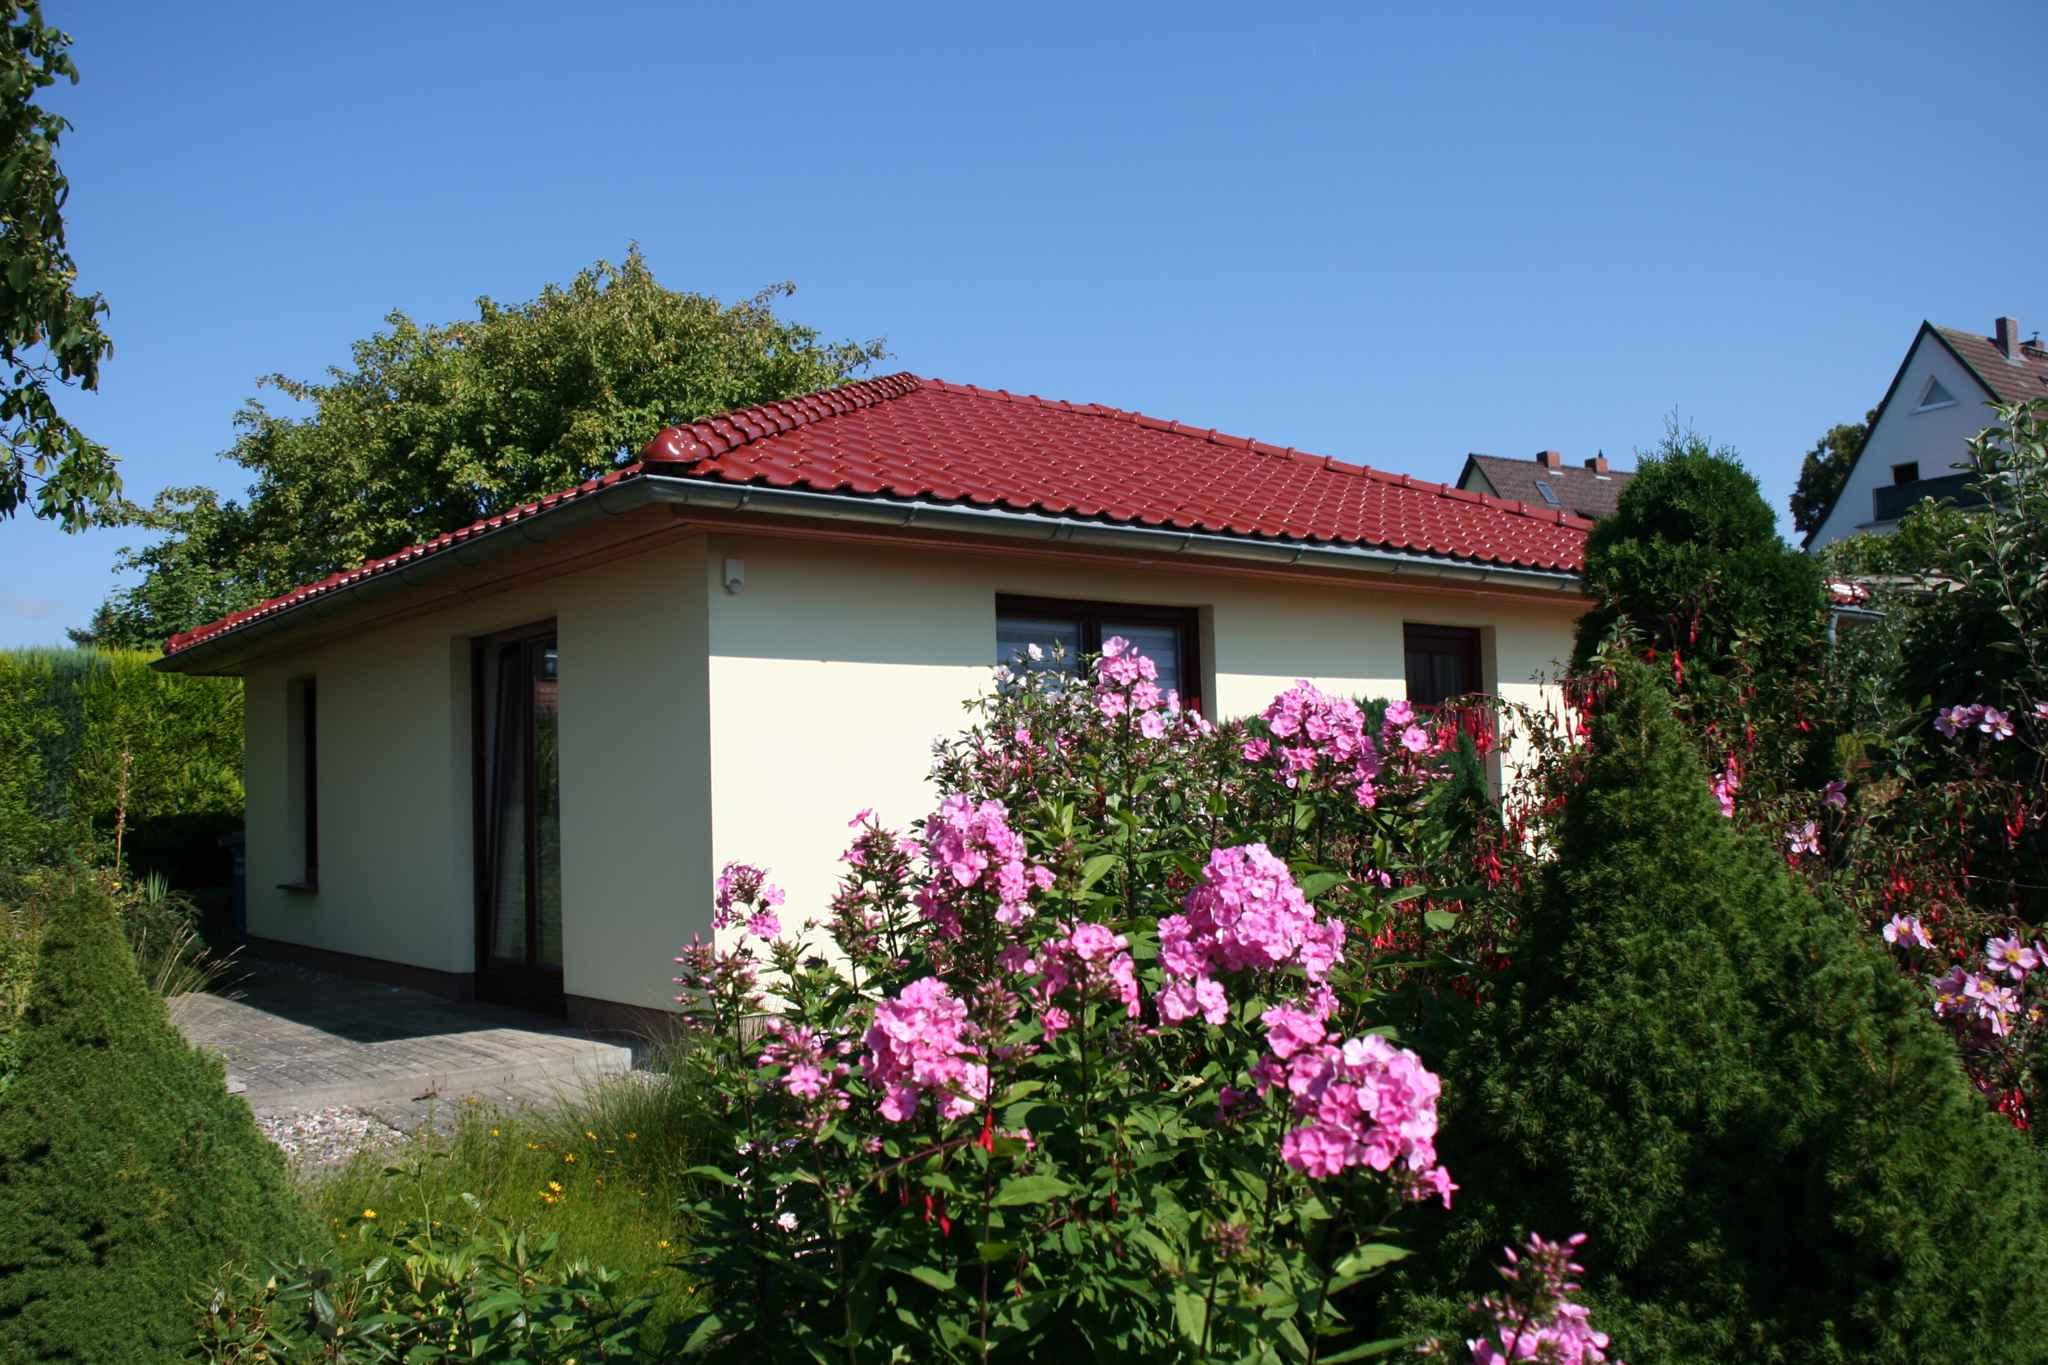 Ferienhaus Bungalow Ferienhaus mit Terrasse und Garten (358672), Bergen (Rügen), Rügen, Mecklenburg-Vorpommern, Deutschland, Bild 5